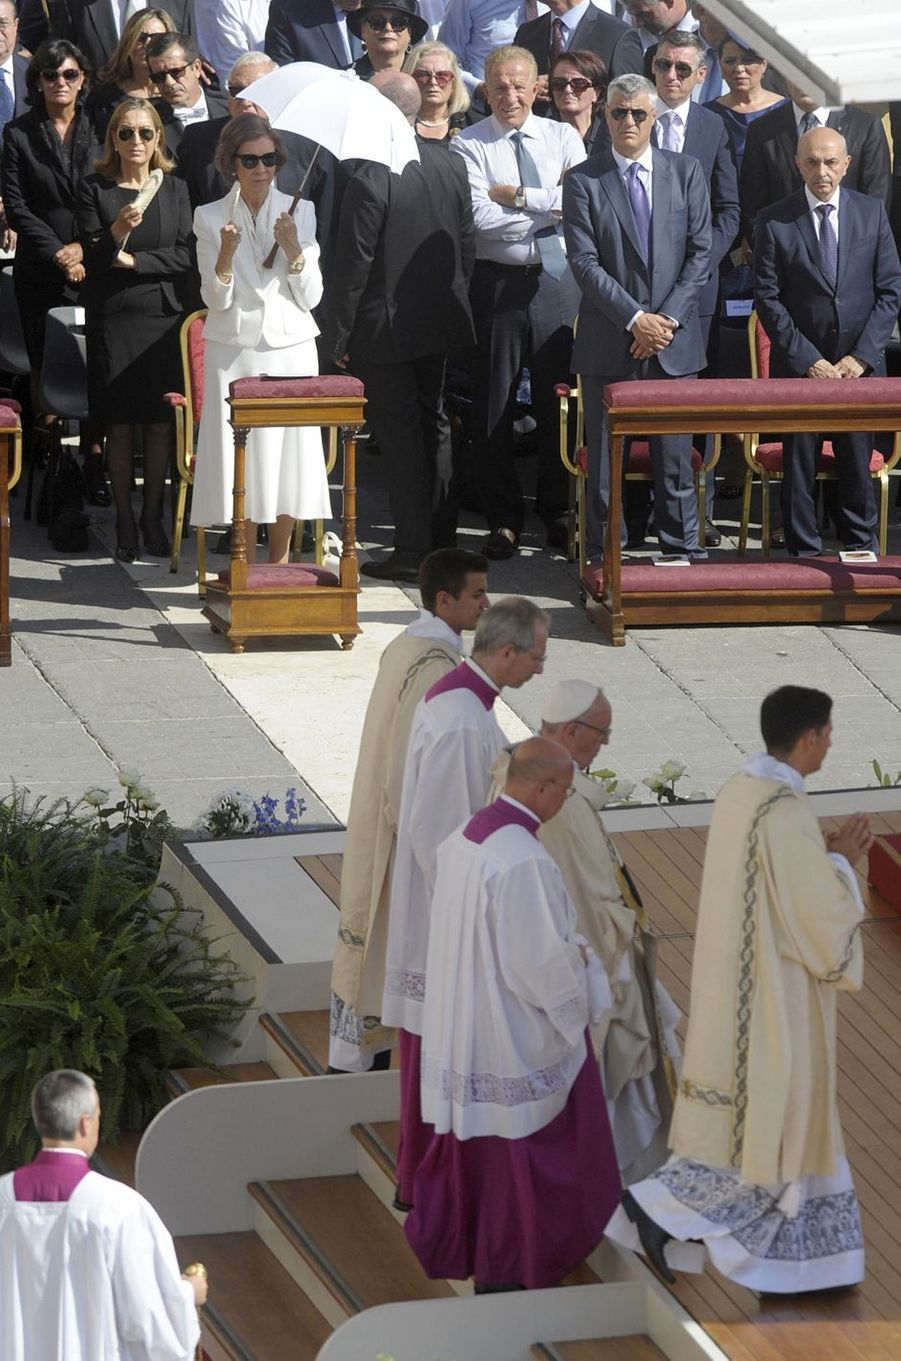 L'ancienne reine Sofia d'Espagne et le pape François sur la place Saint-Pierre de Rome, le 4 septembre 2016